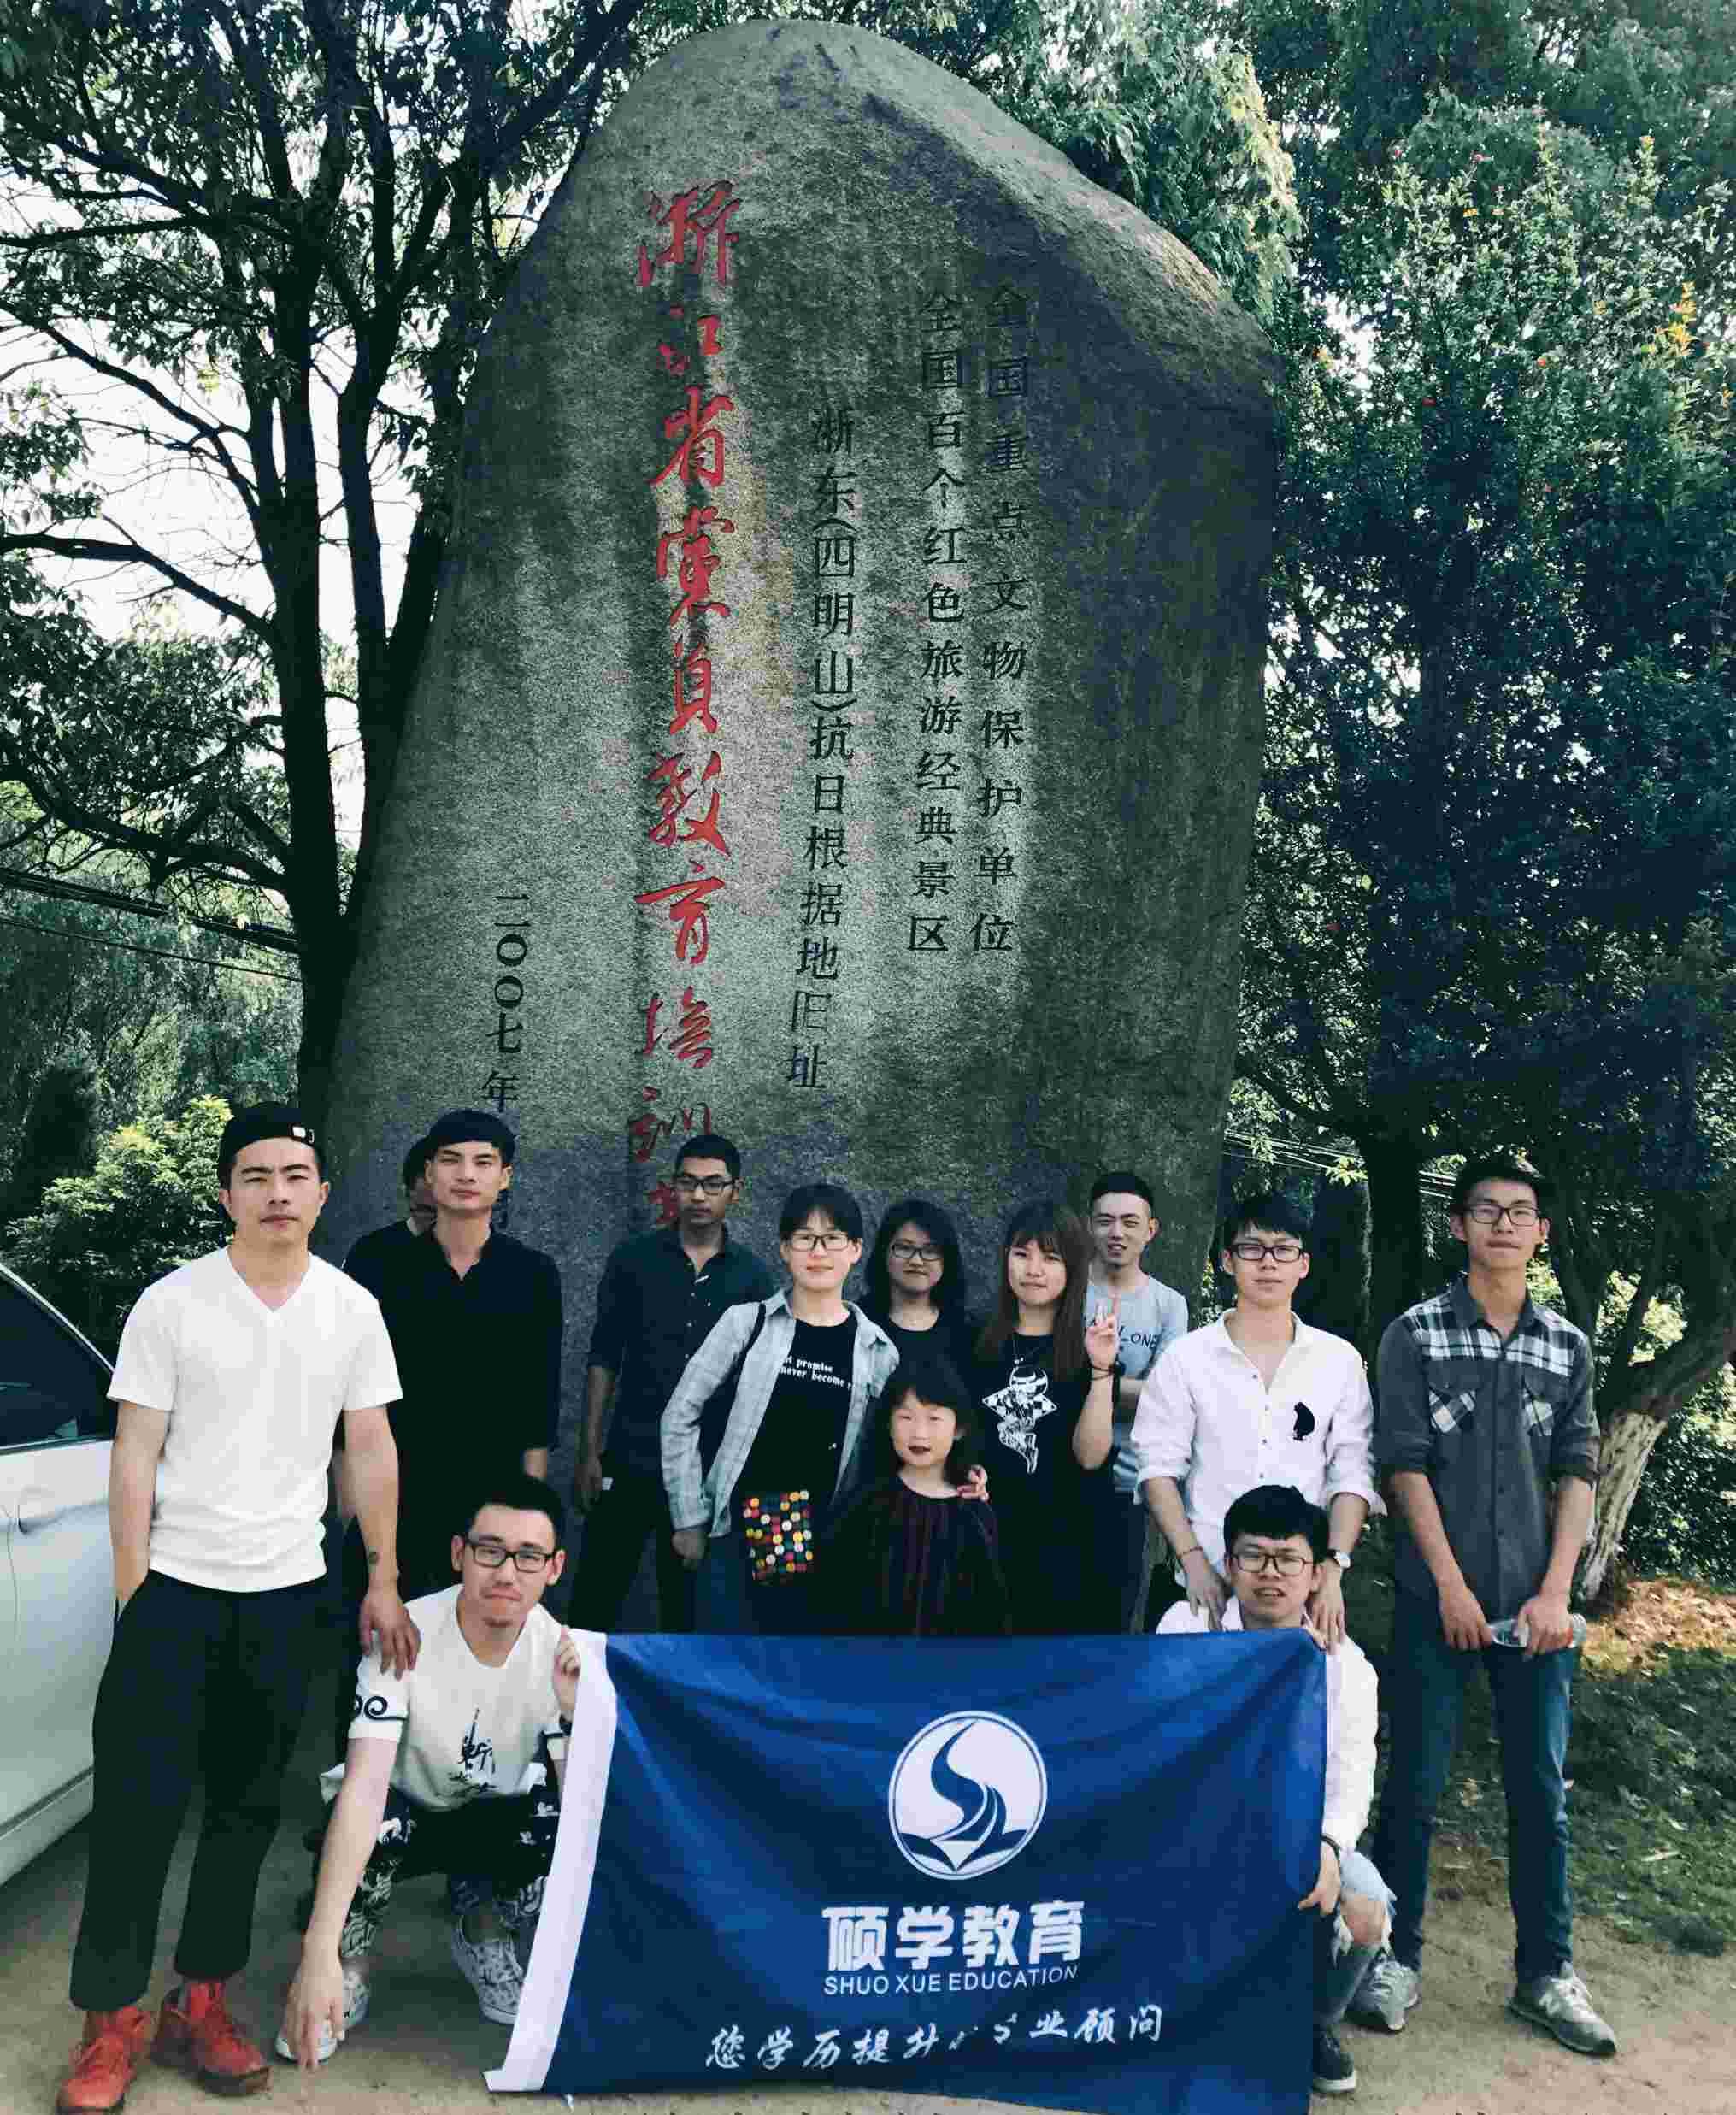 2017年在湖北武汉如何参加中南财经政法大学自考